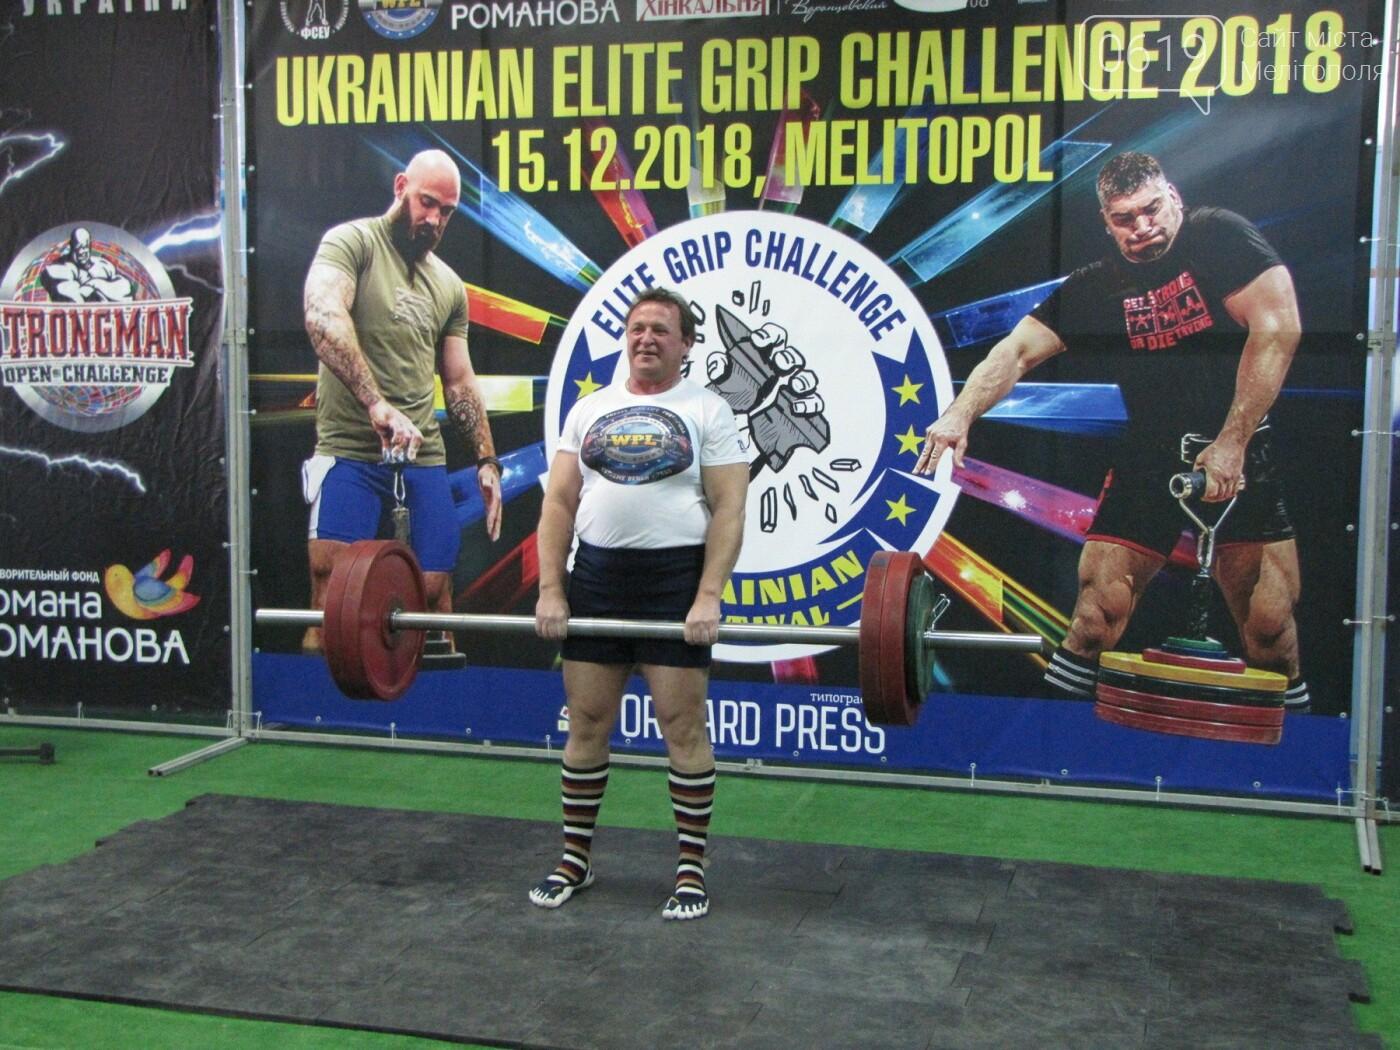 В Мелитополе сильнейшие атлеты соревновались в силе хвата, фото-21